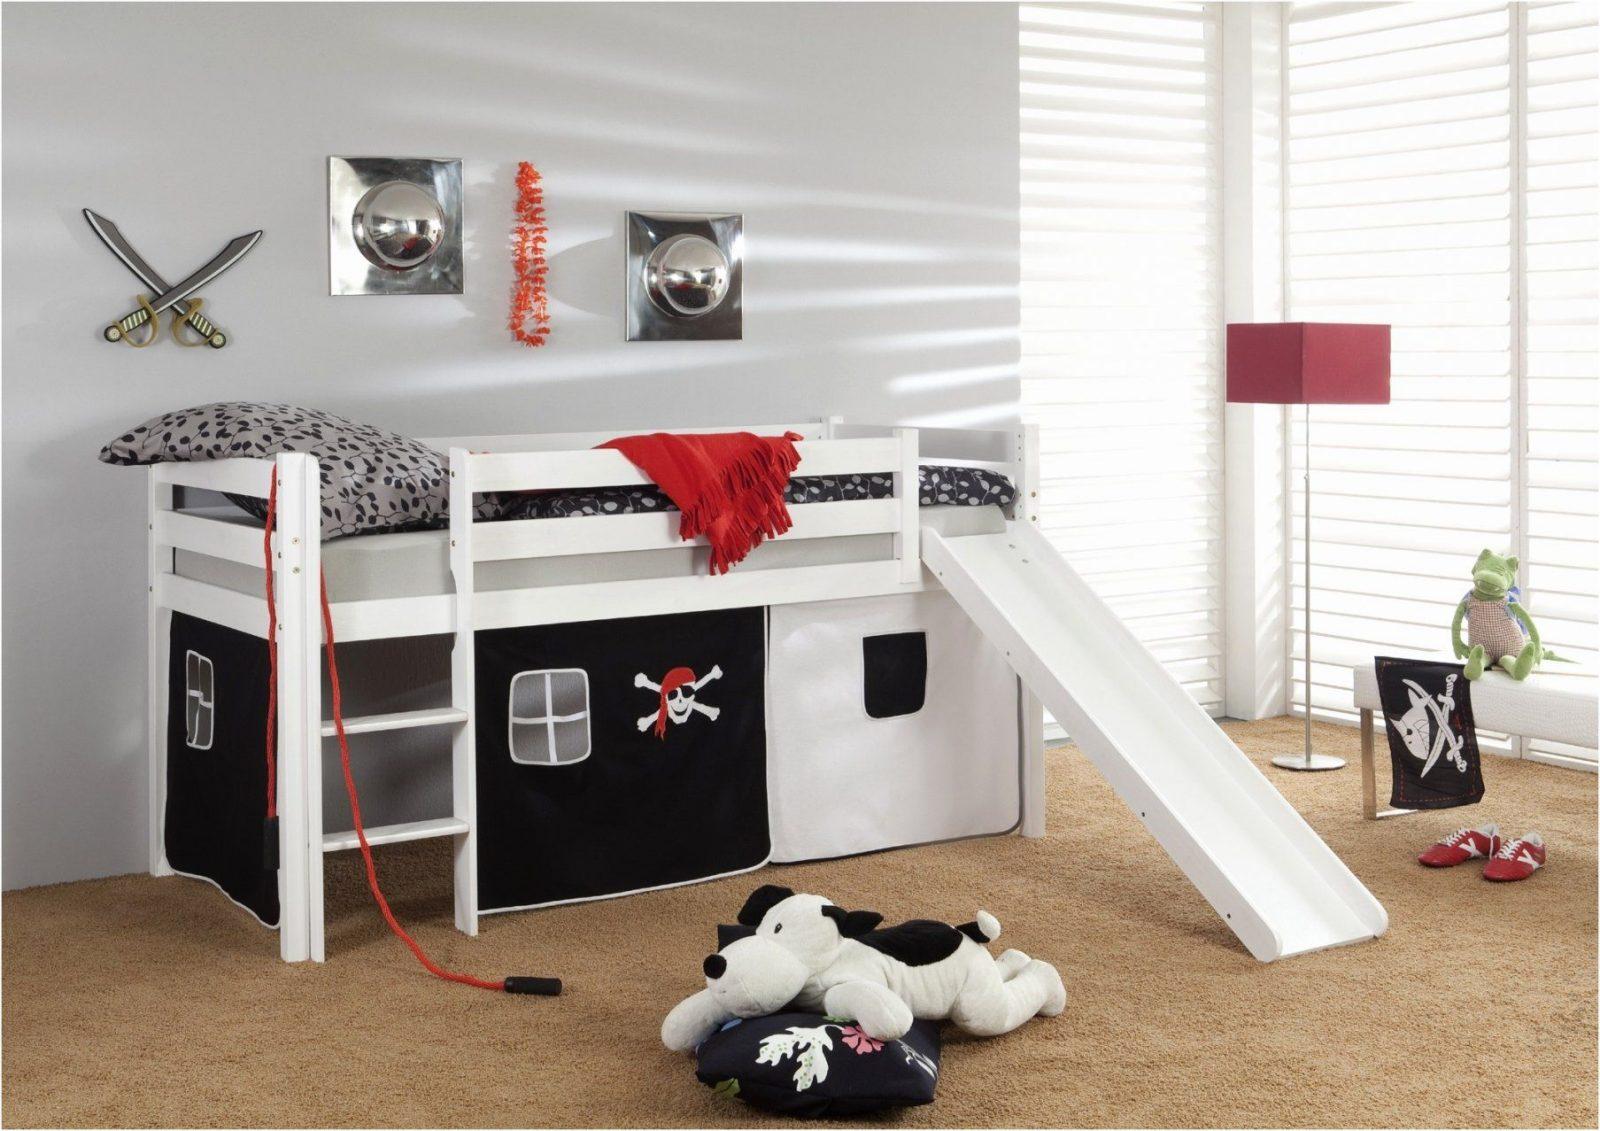 Kinderhochbett Mit Schrank Einzigartig Kleiderschrank Mit von Kleiderschrank Mit Integriertem Schreibtisch Photo